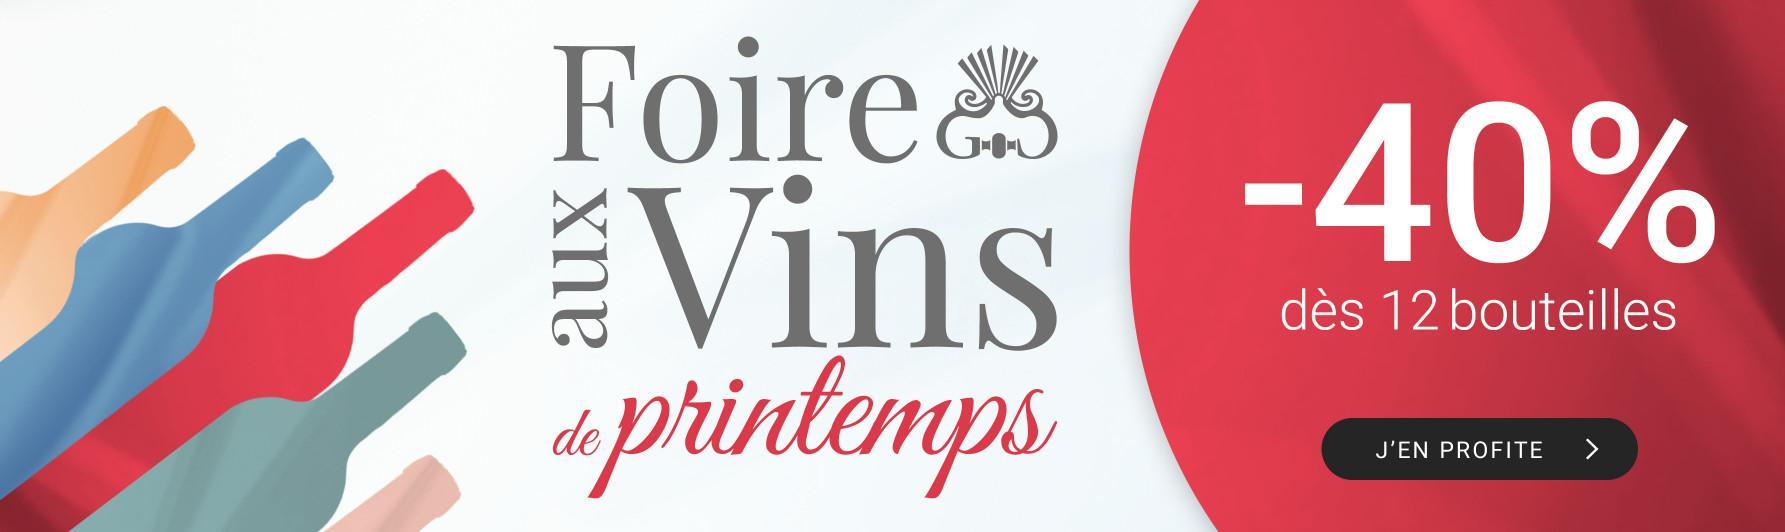 Foire aux vins de printemps par 12 = -40%